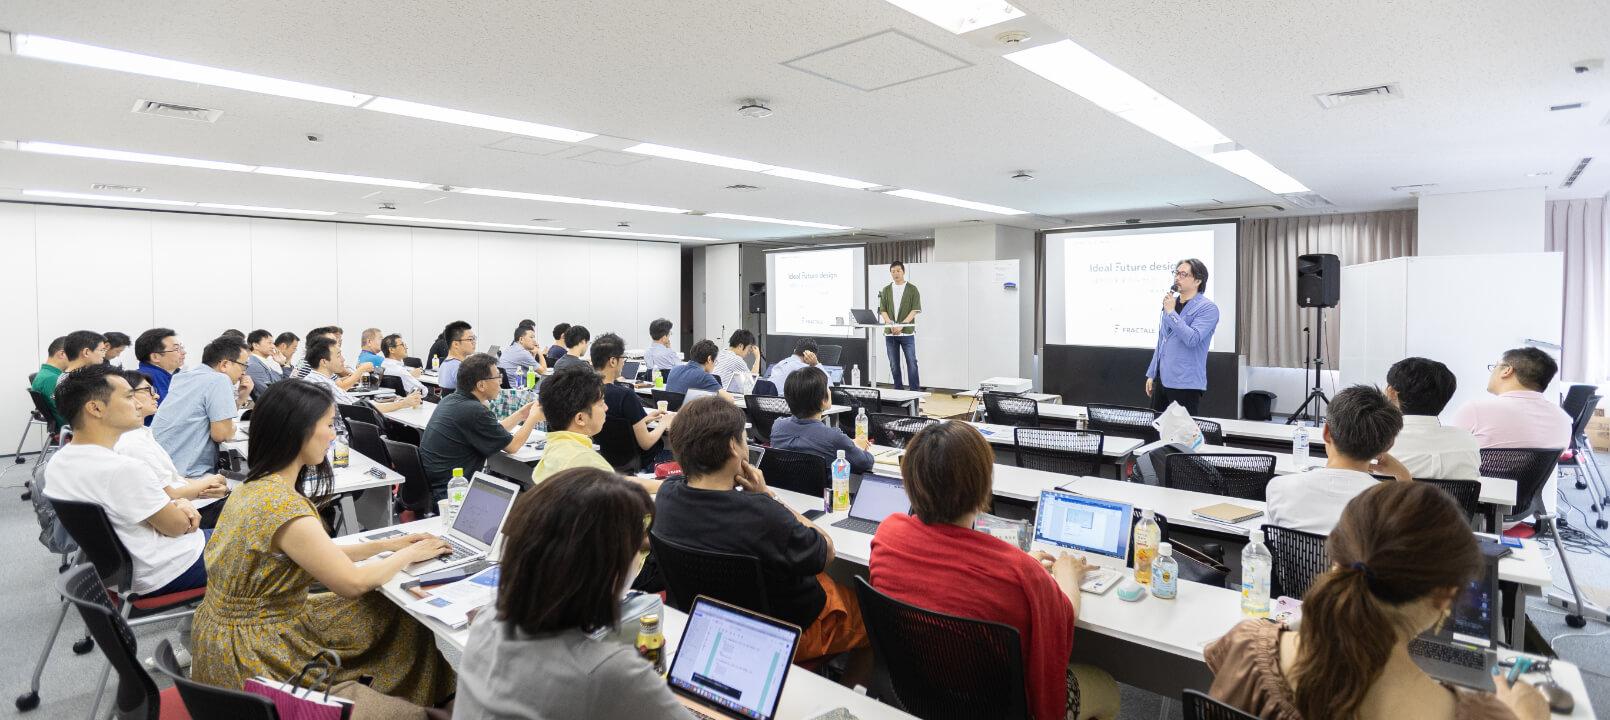 新規事業開発のための研究会・導入研修